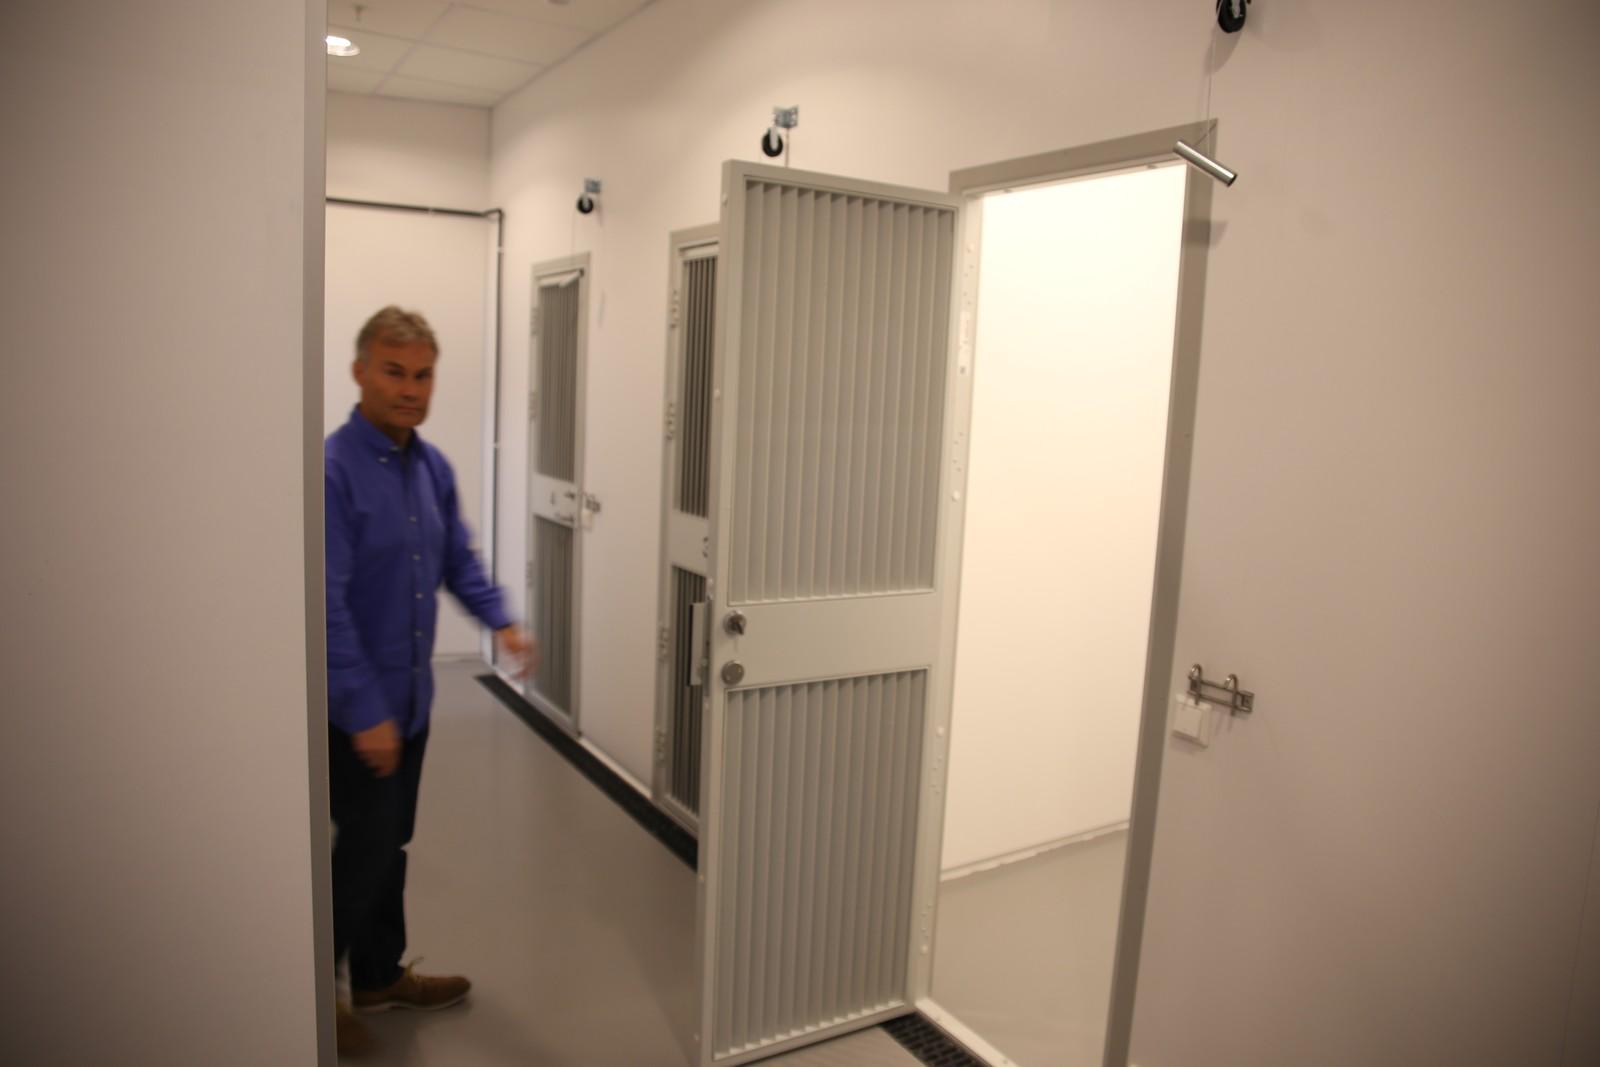 Prosjektleder Trond Berntsen viser fram rommene hvor politihundene skal ha tilhold.